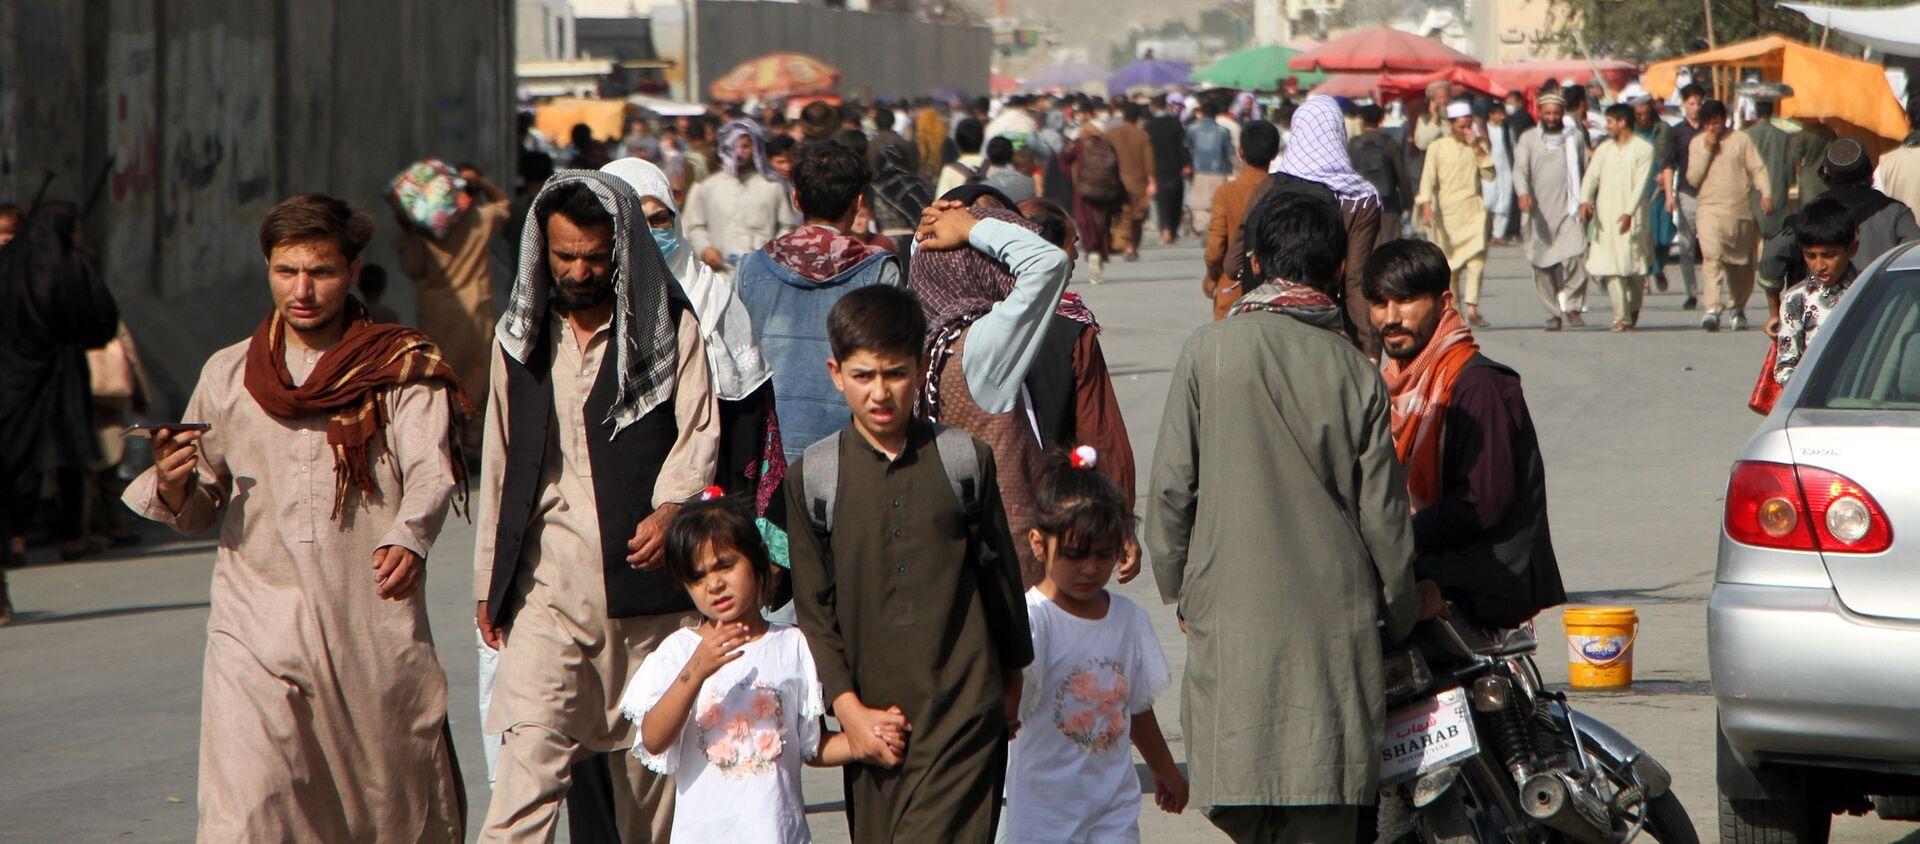 Люди возле международного аэропорта имени Хамида Карзая в Кабуле, Афганистан - Sputnik 日本, 1920, 18.09.2021